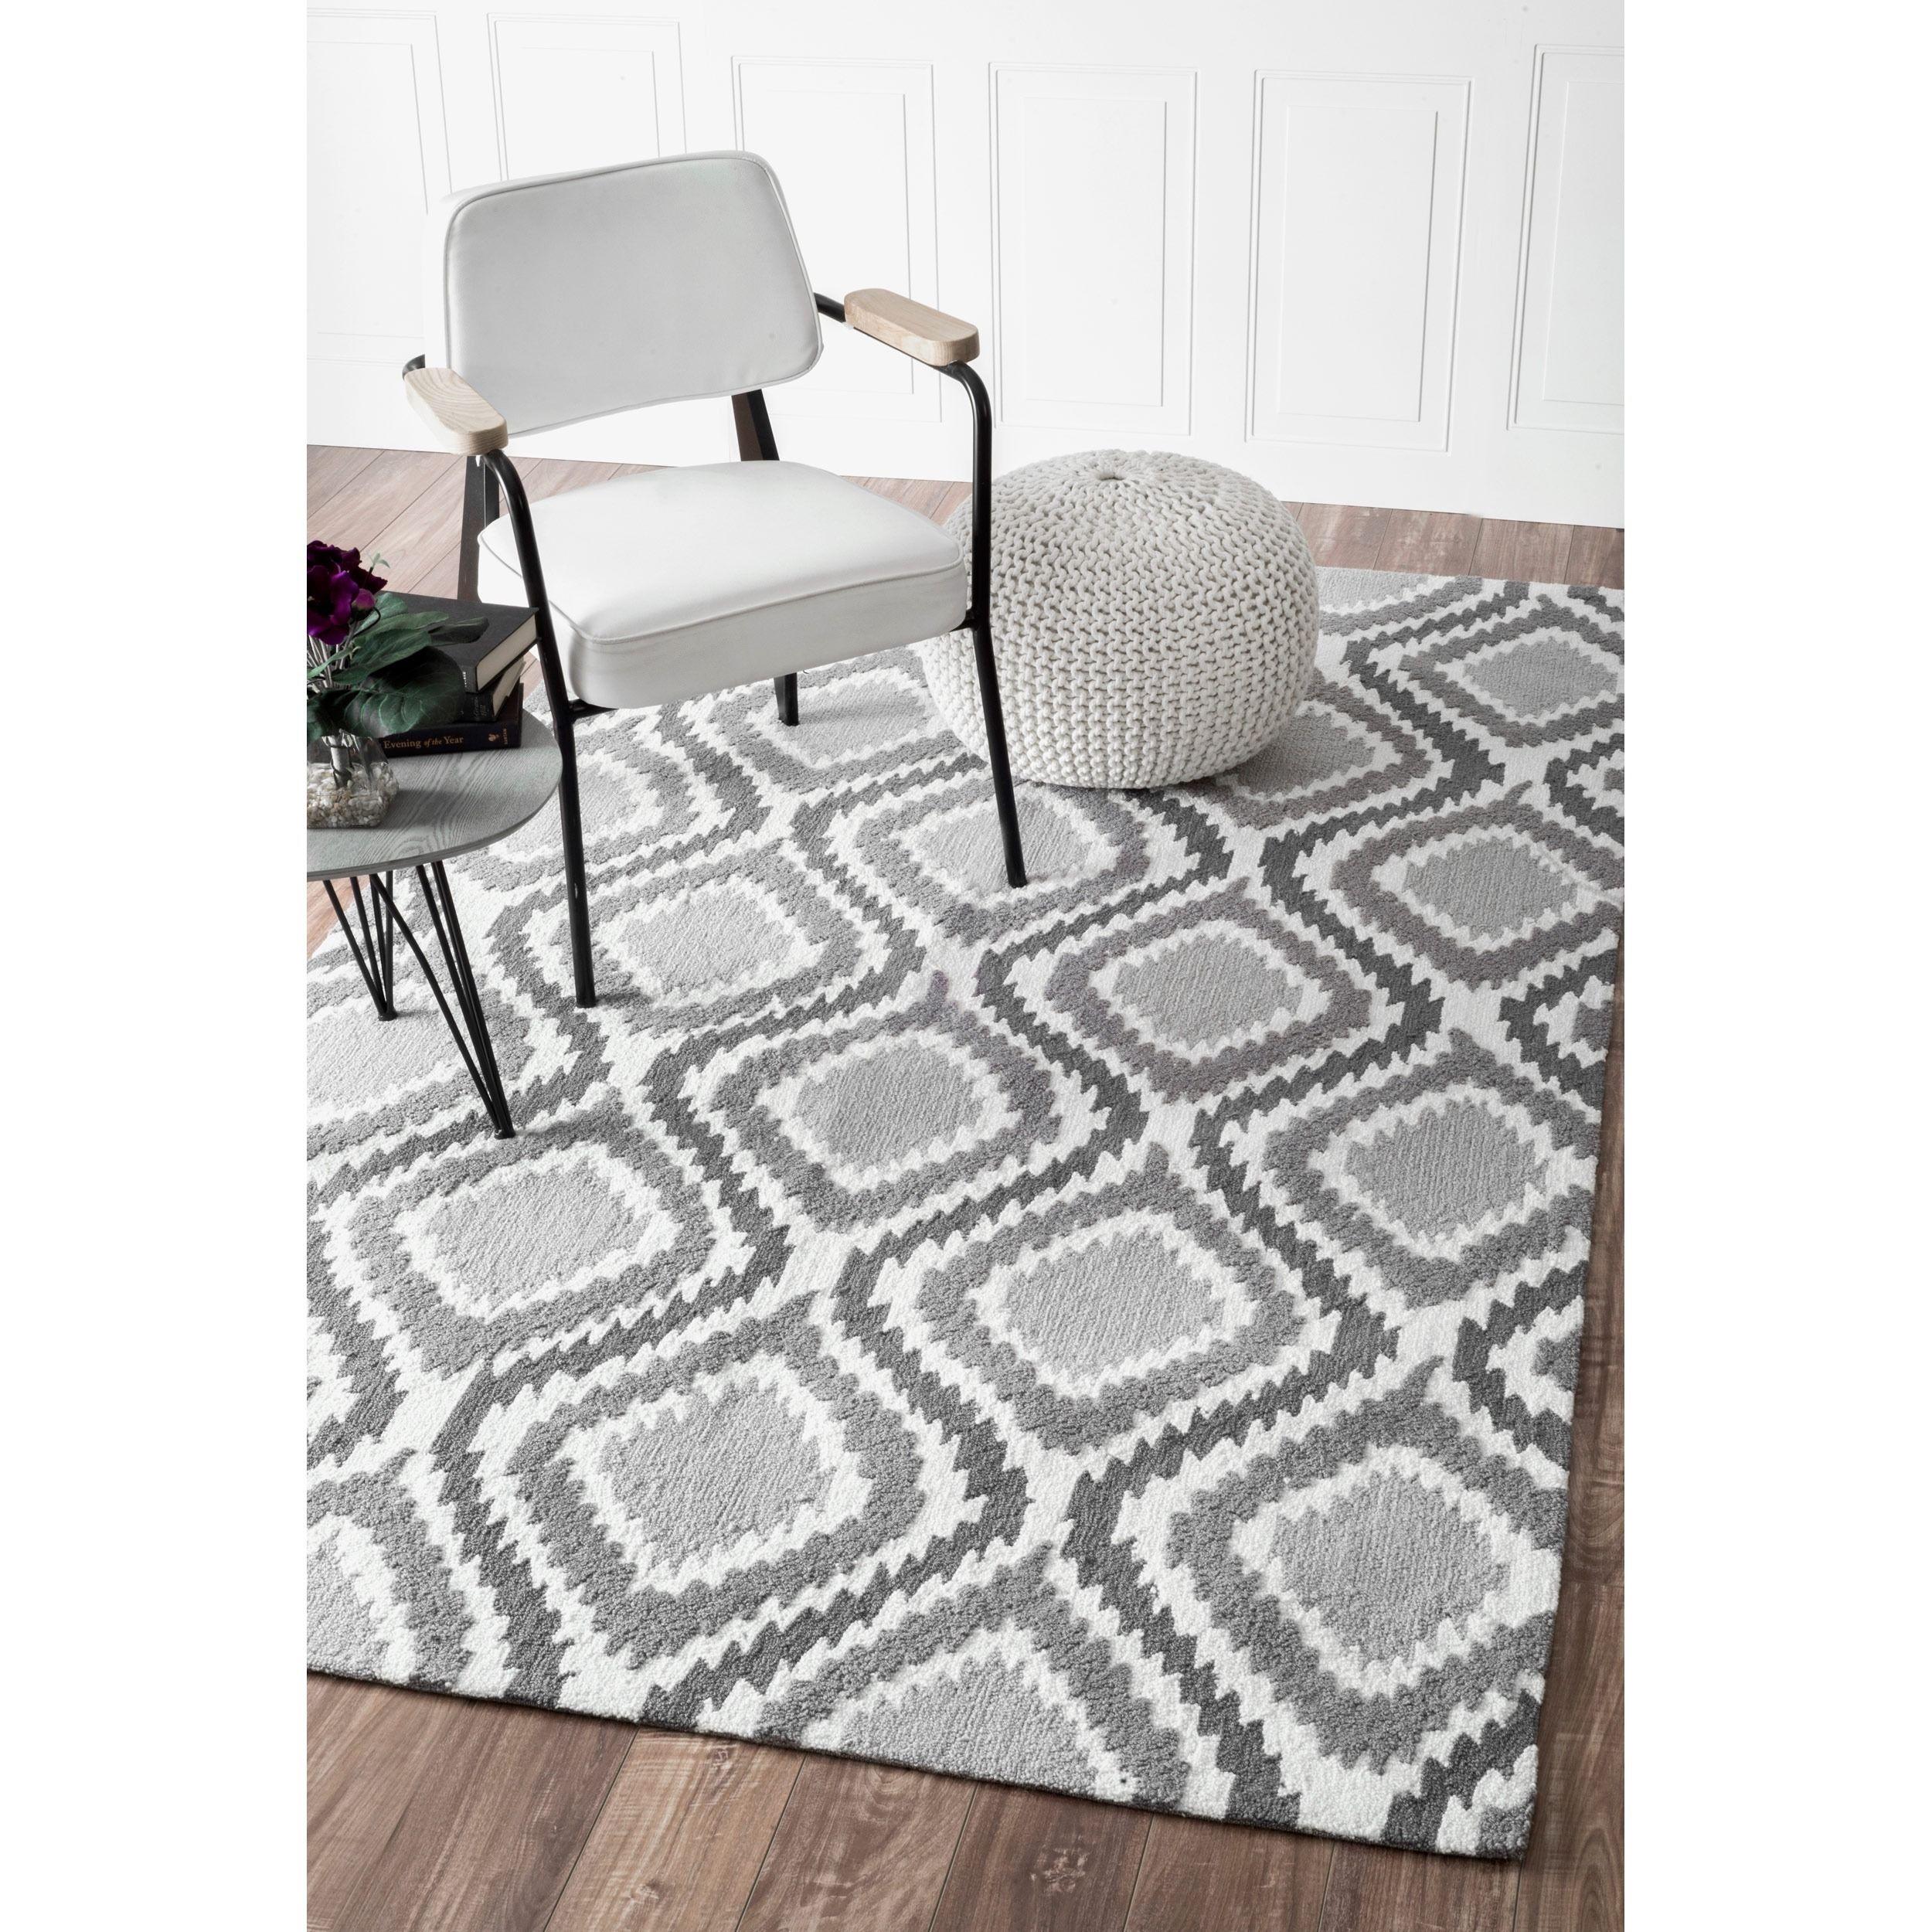 nuloom handmade trellis modern ikat wool area rug (7'6 x 9'6